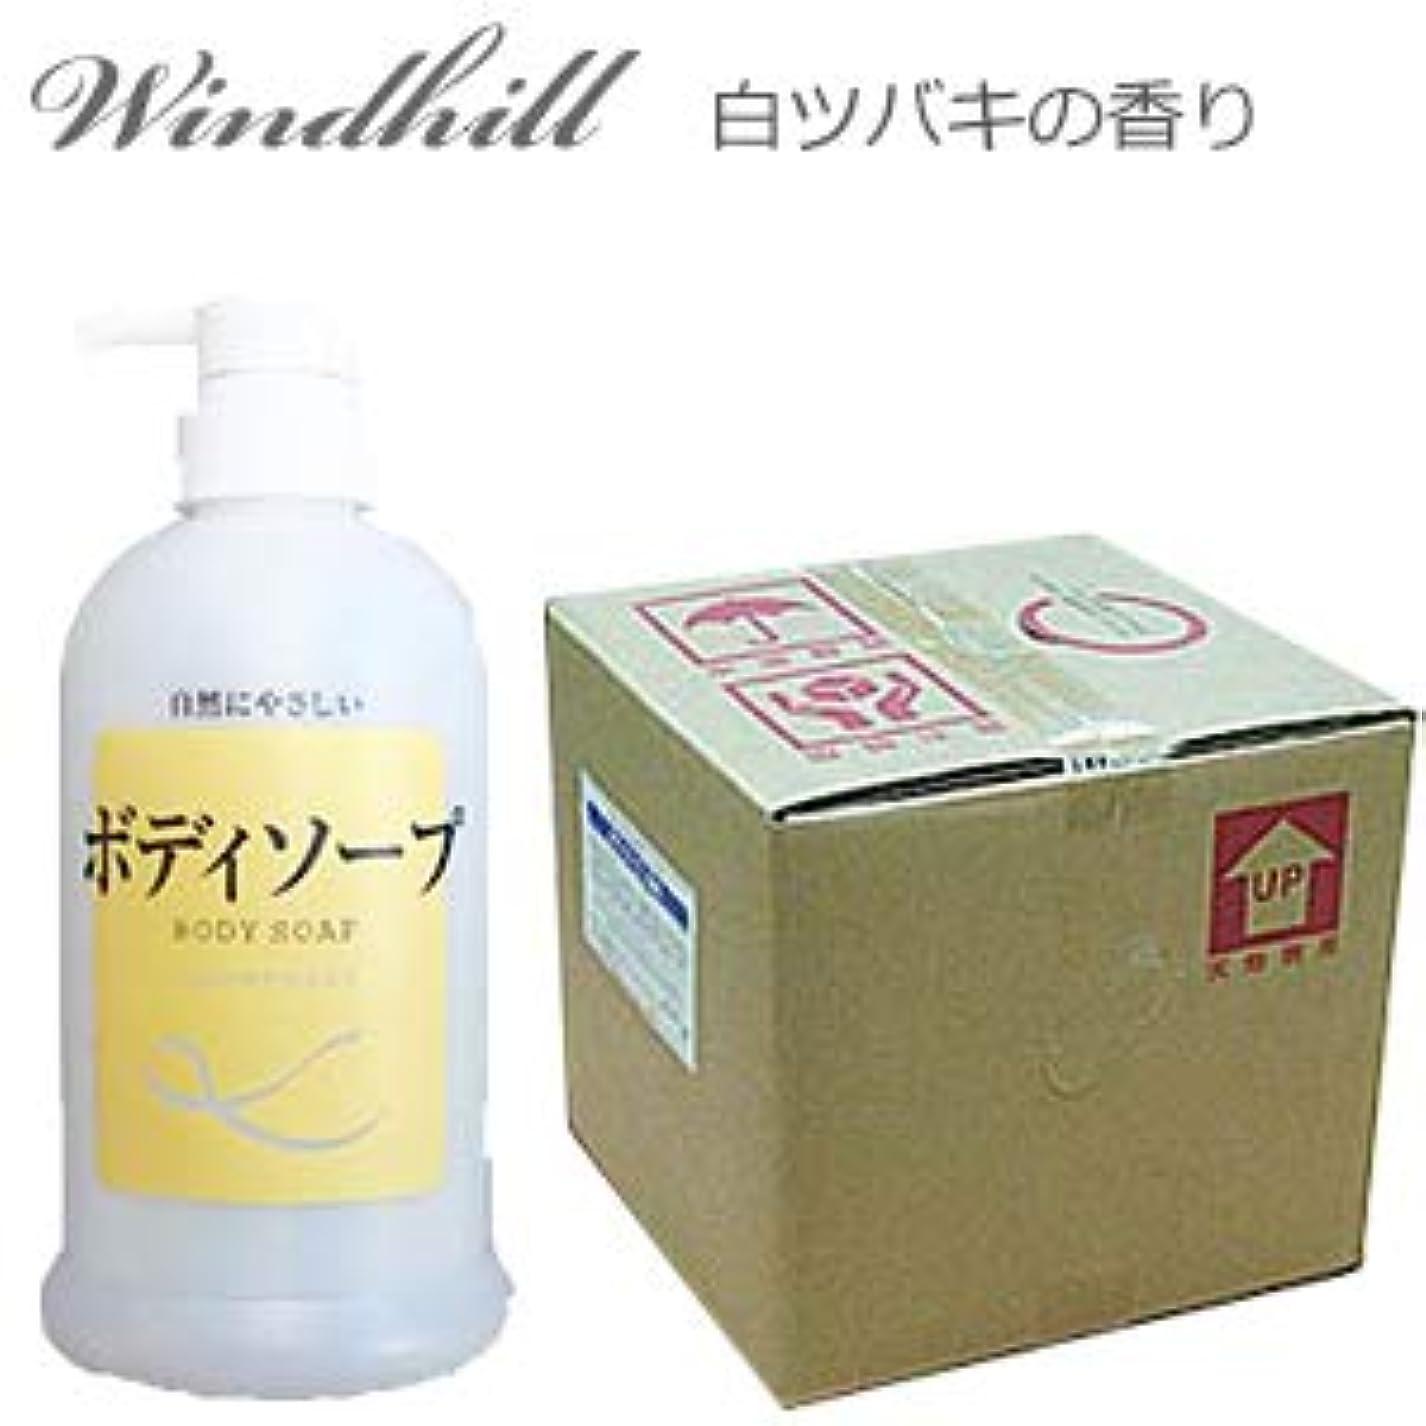 政治的地域の一次なんと! 500ml当り175円 Windhill 植物性 業務用 ボディソープ  白ツバキの香り 20L